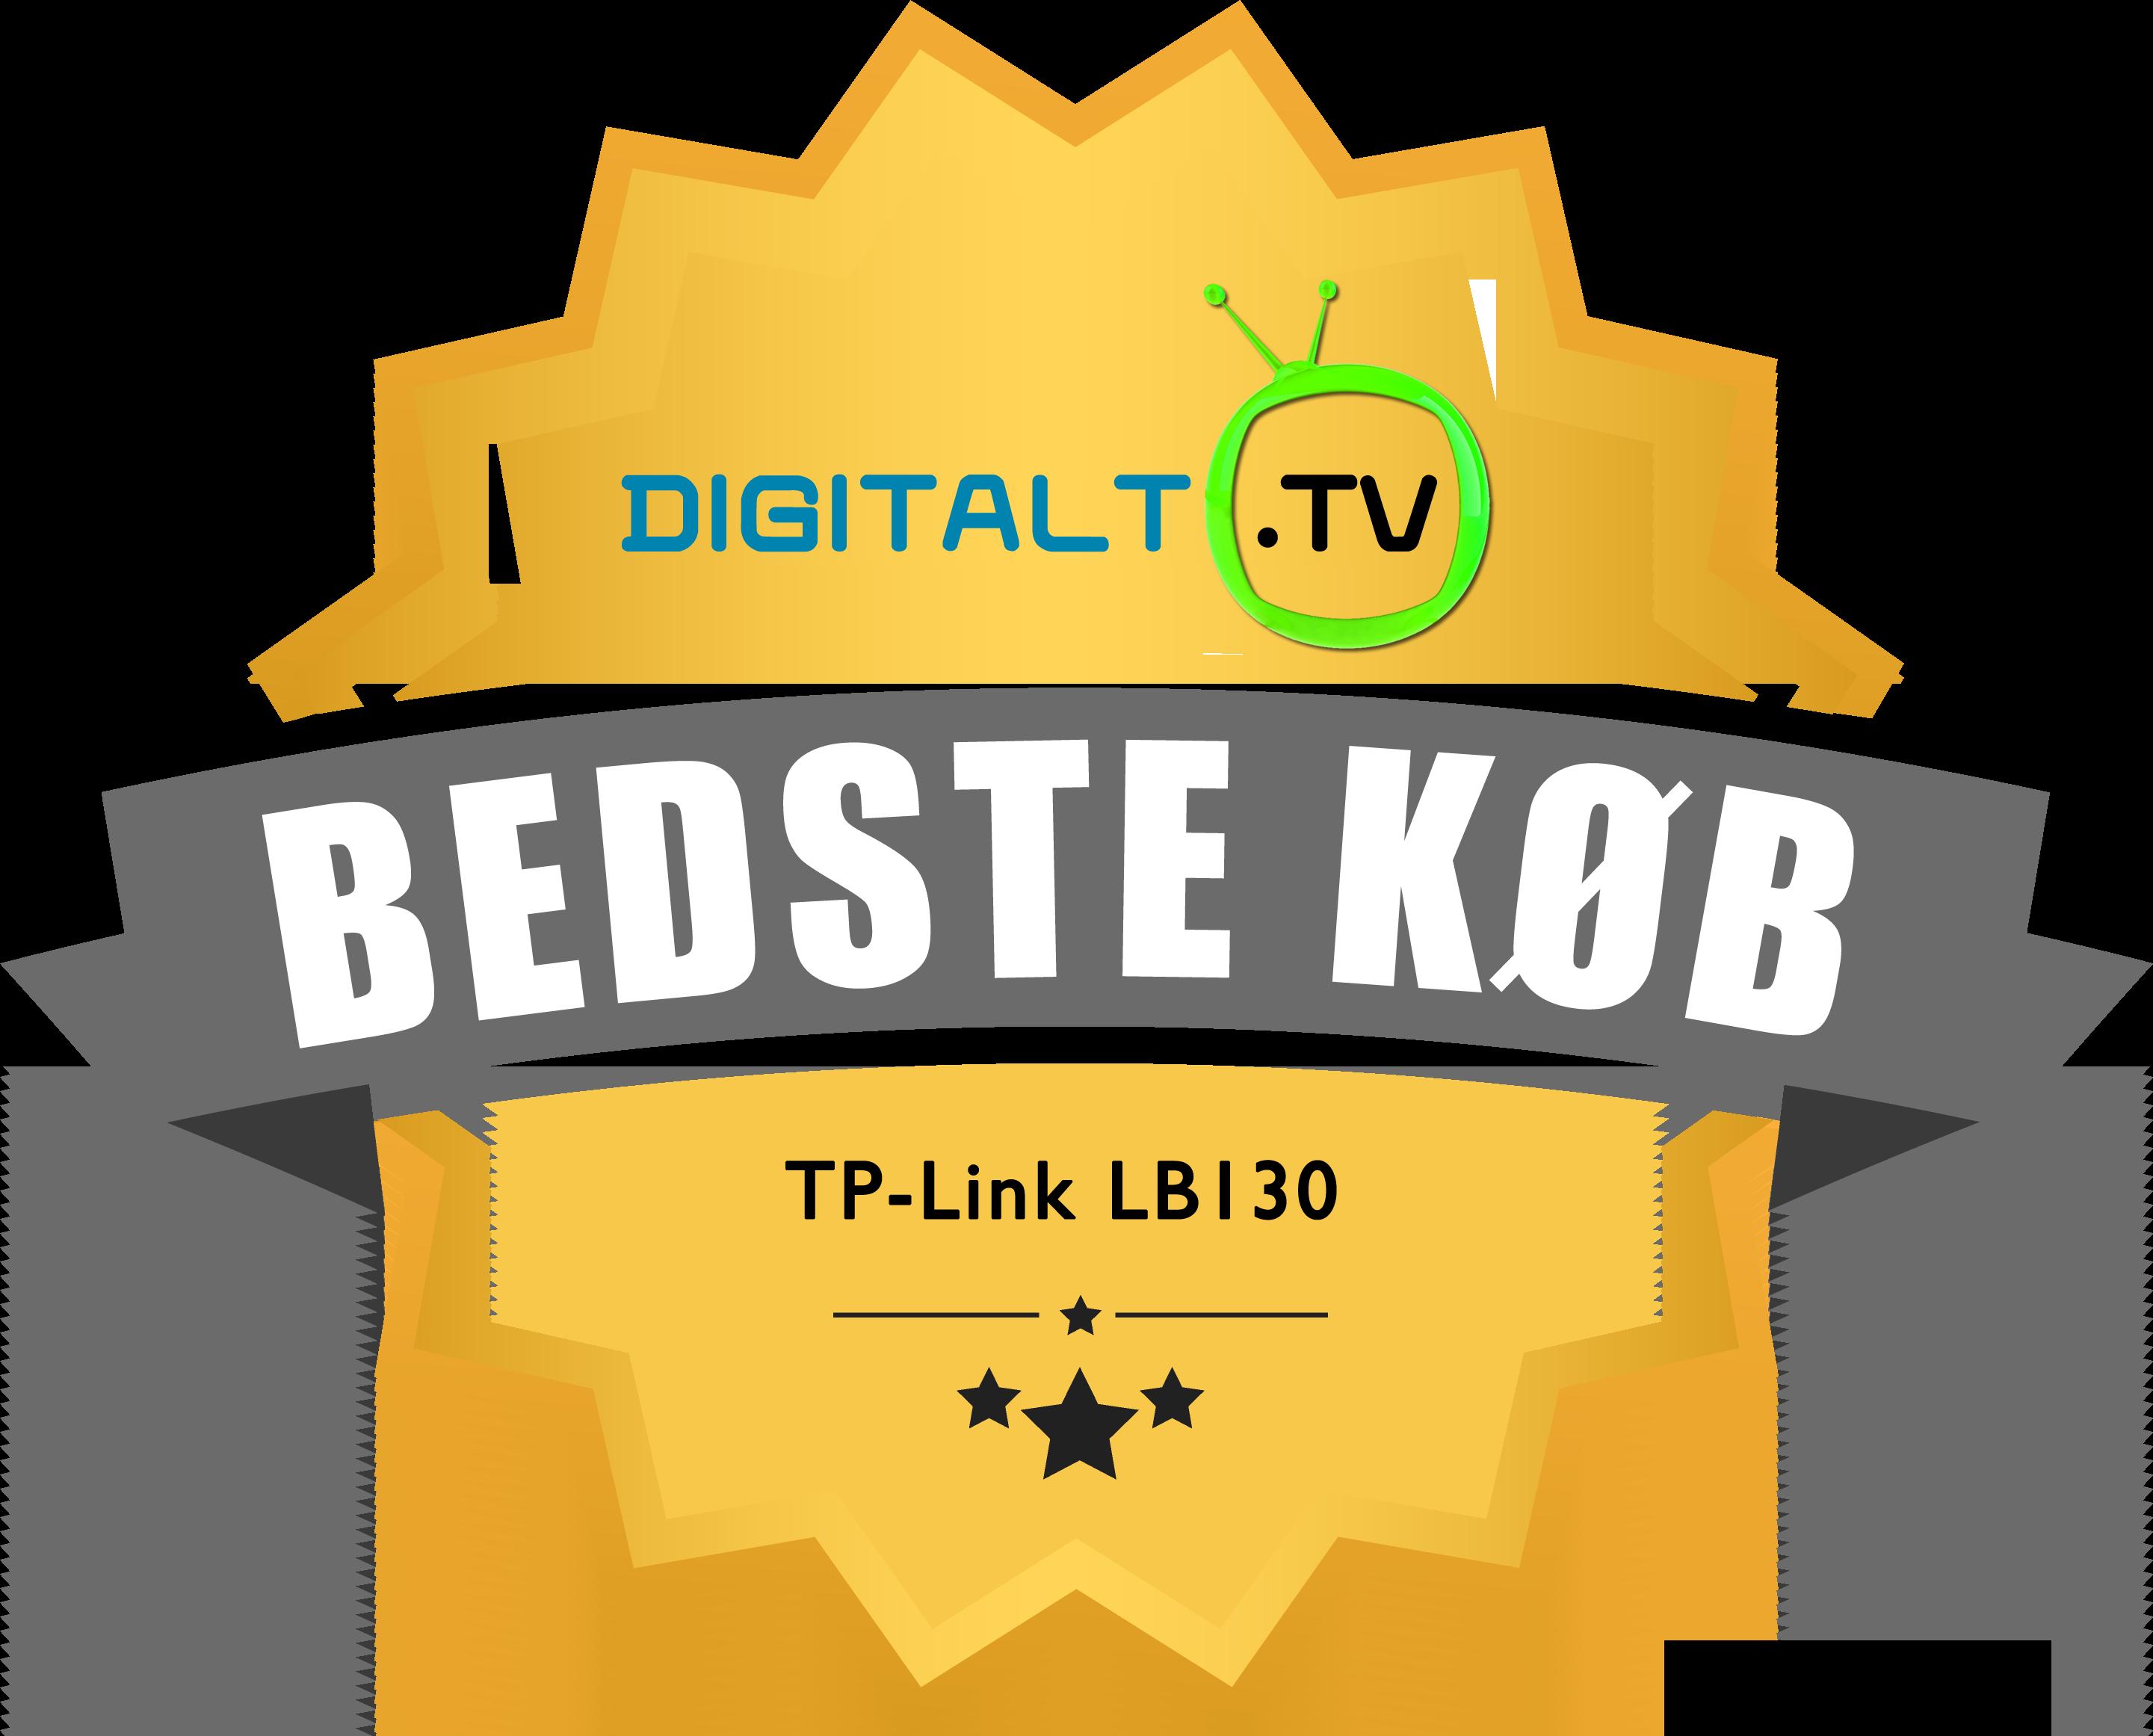 Logo bedst til prisen smartpaere